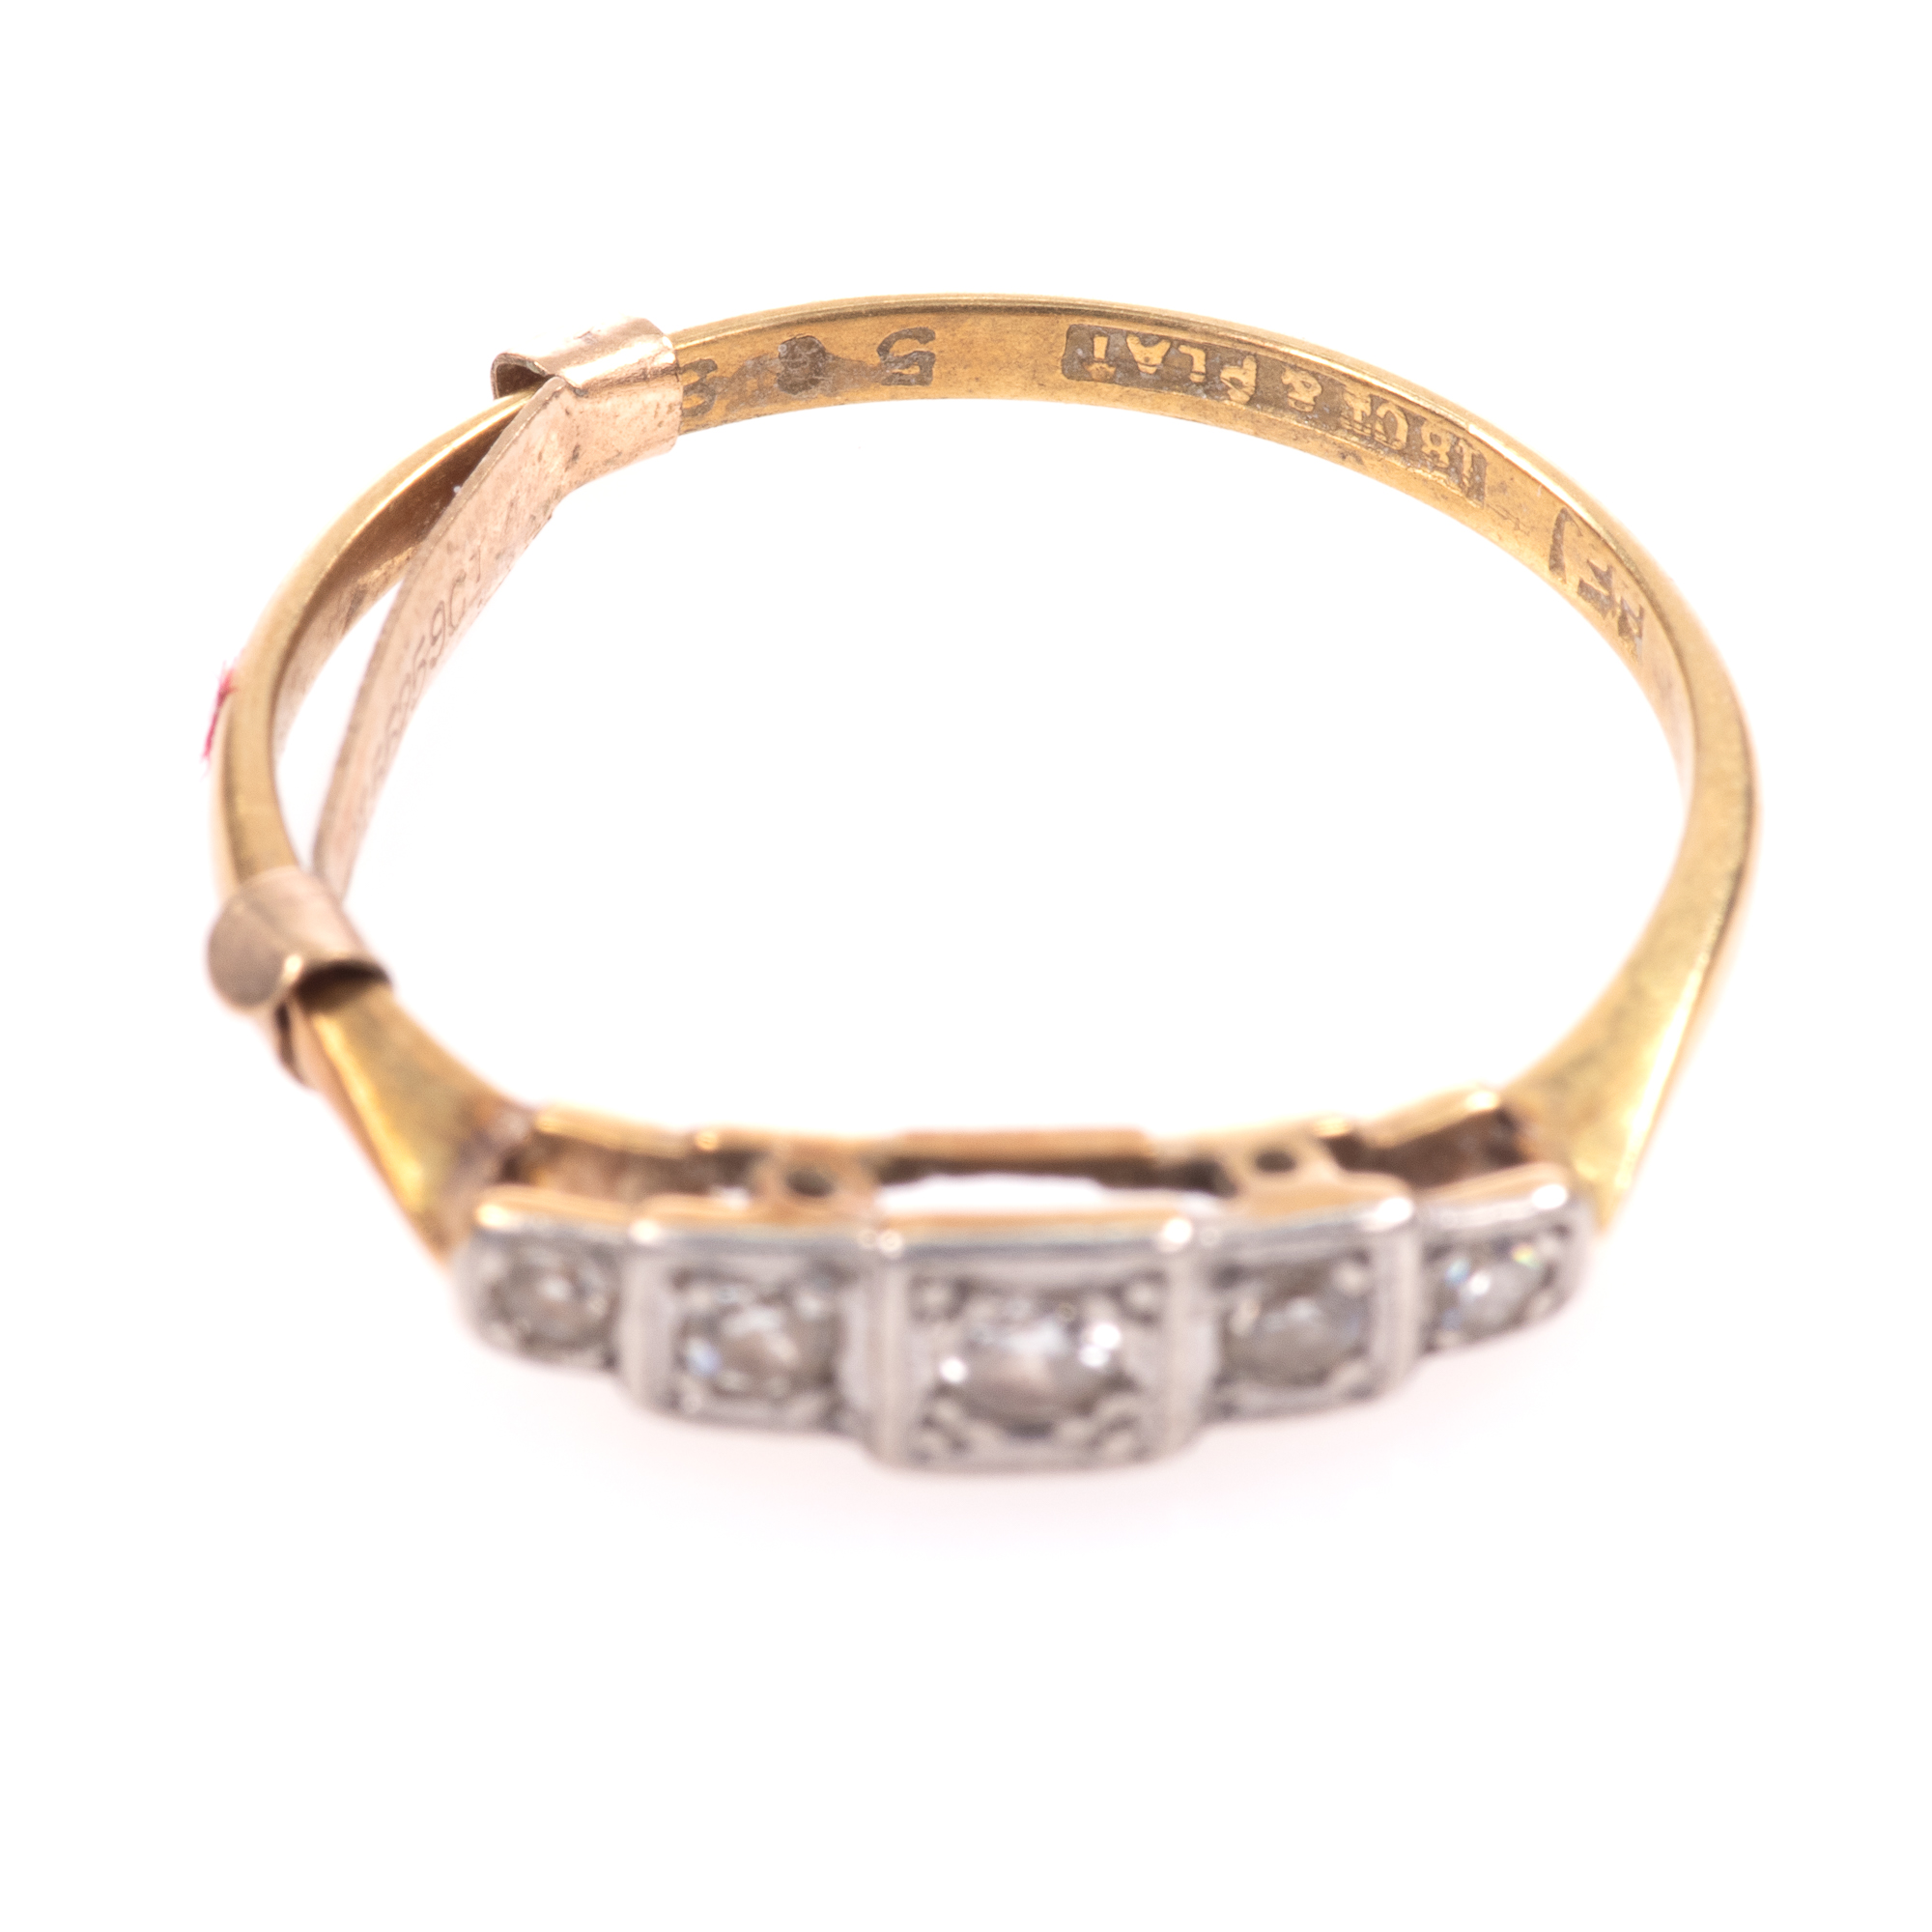 18ct Gold & Platinum Art Deco Diamond Ring - Image 3 of 9